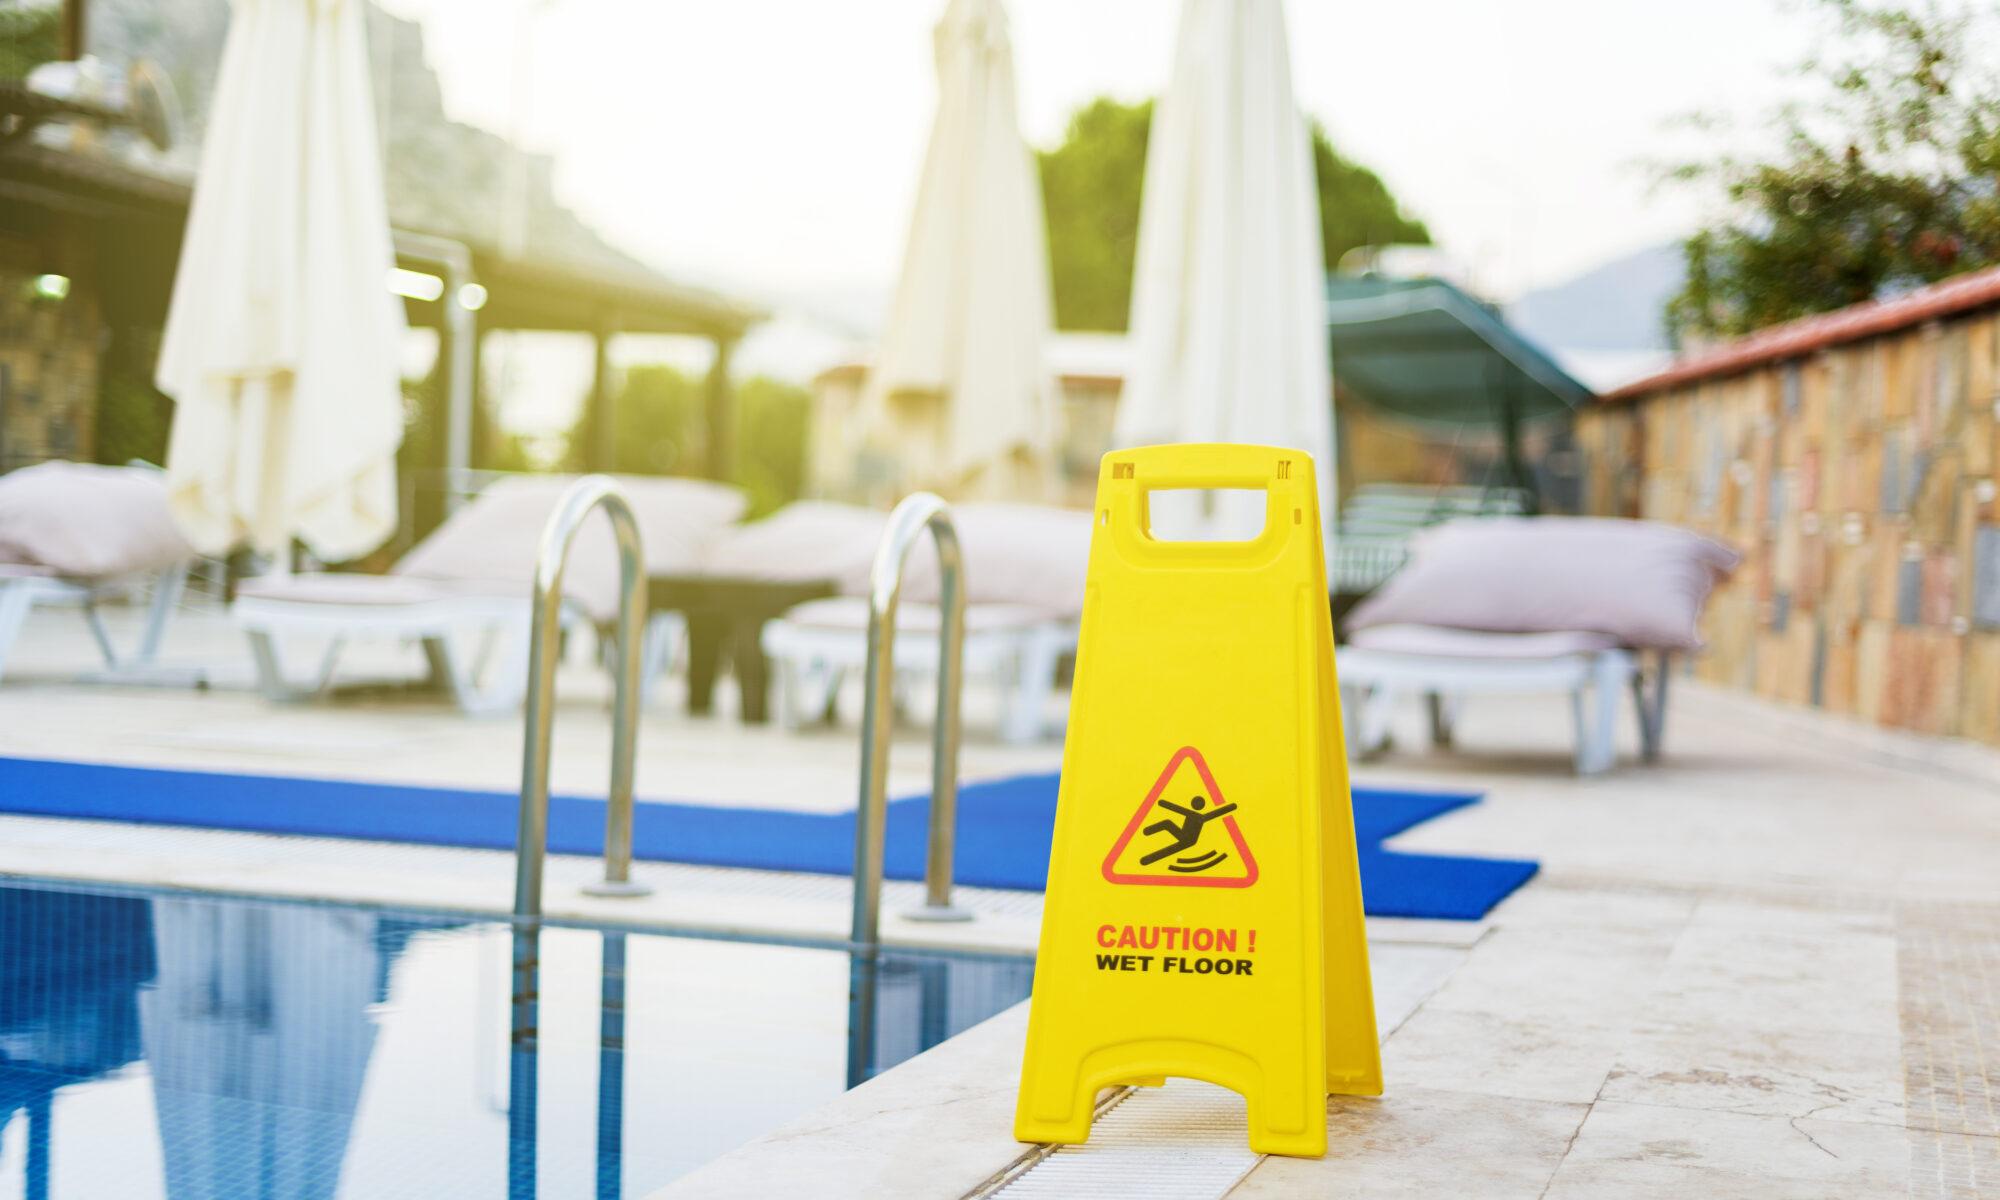 Waarschuwingsbord voor natte vloer bij een zwembad